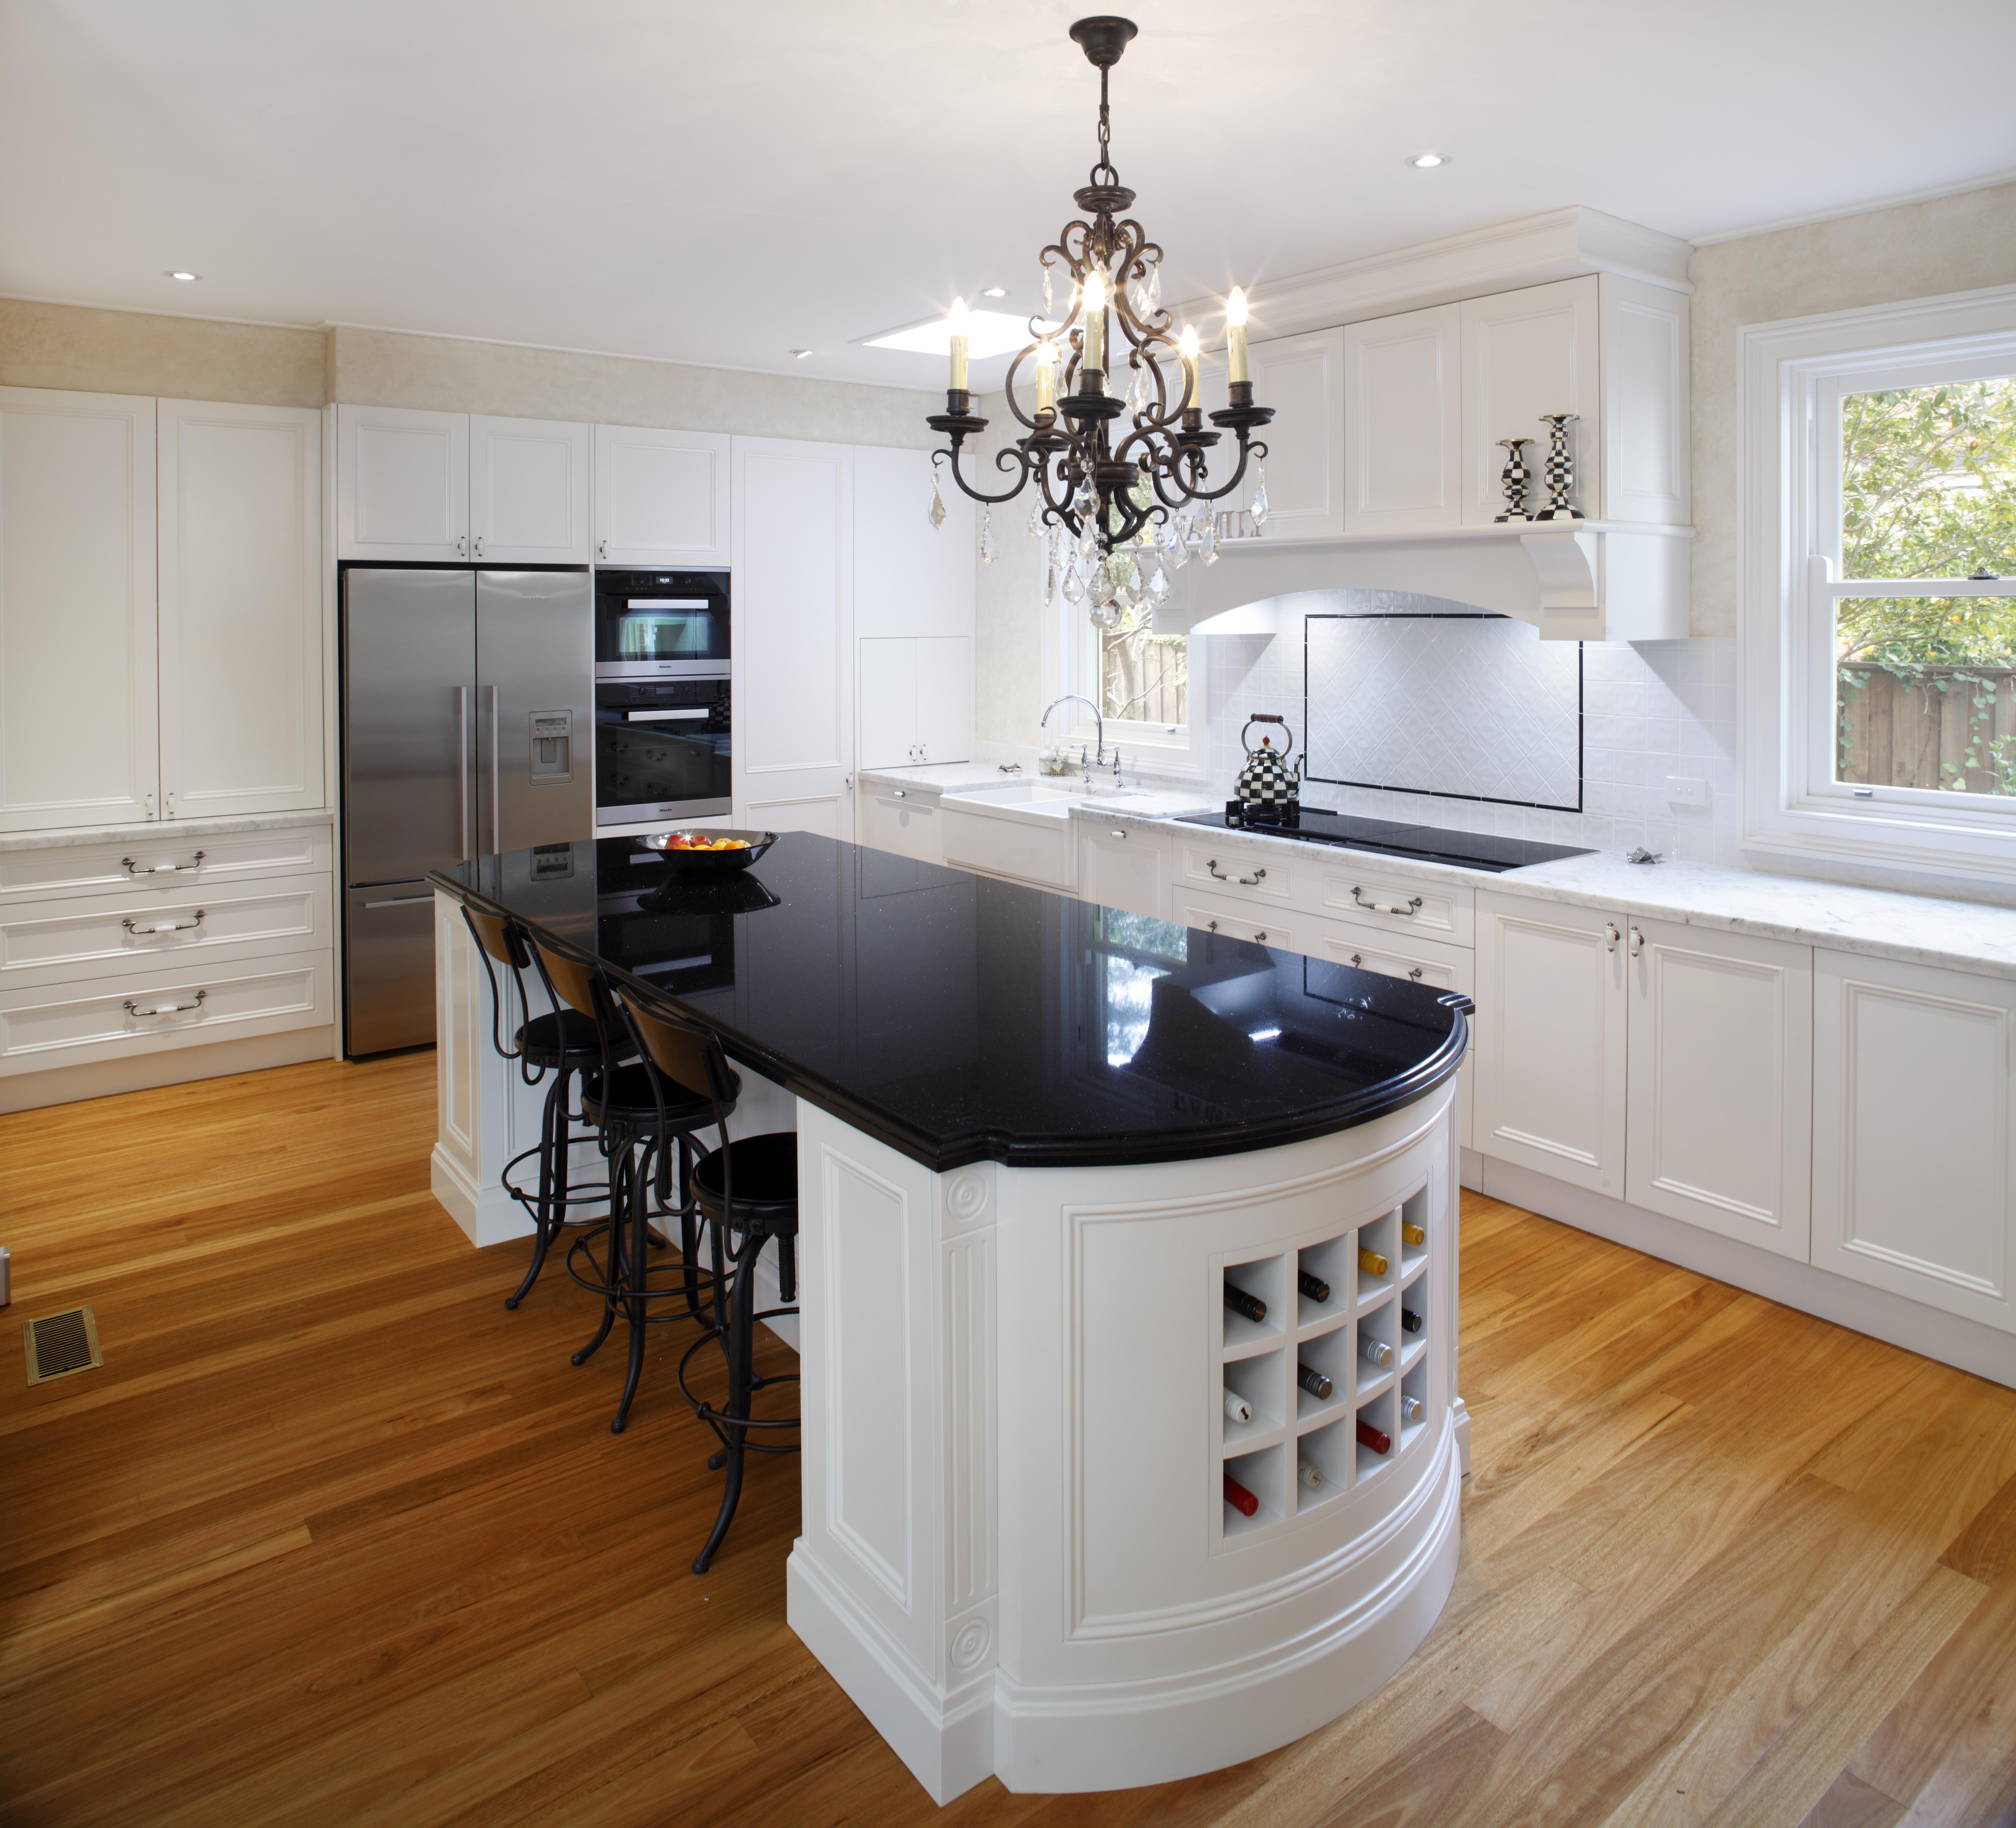 Timber Kitchen Black Benchtop: Modern Heritage